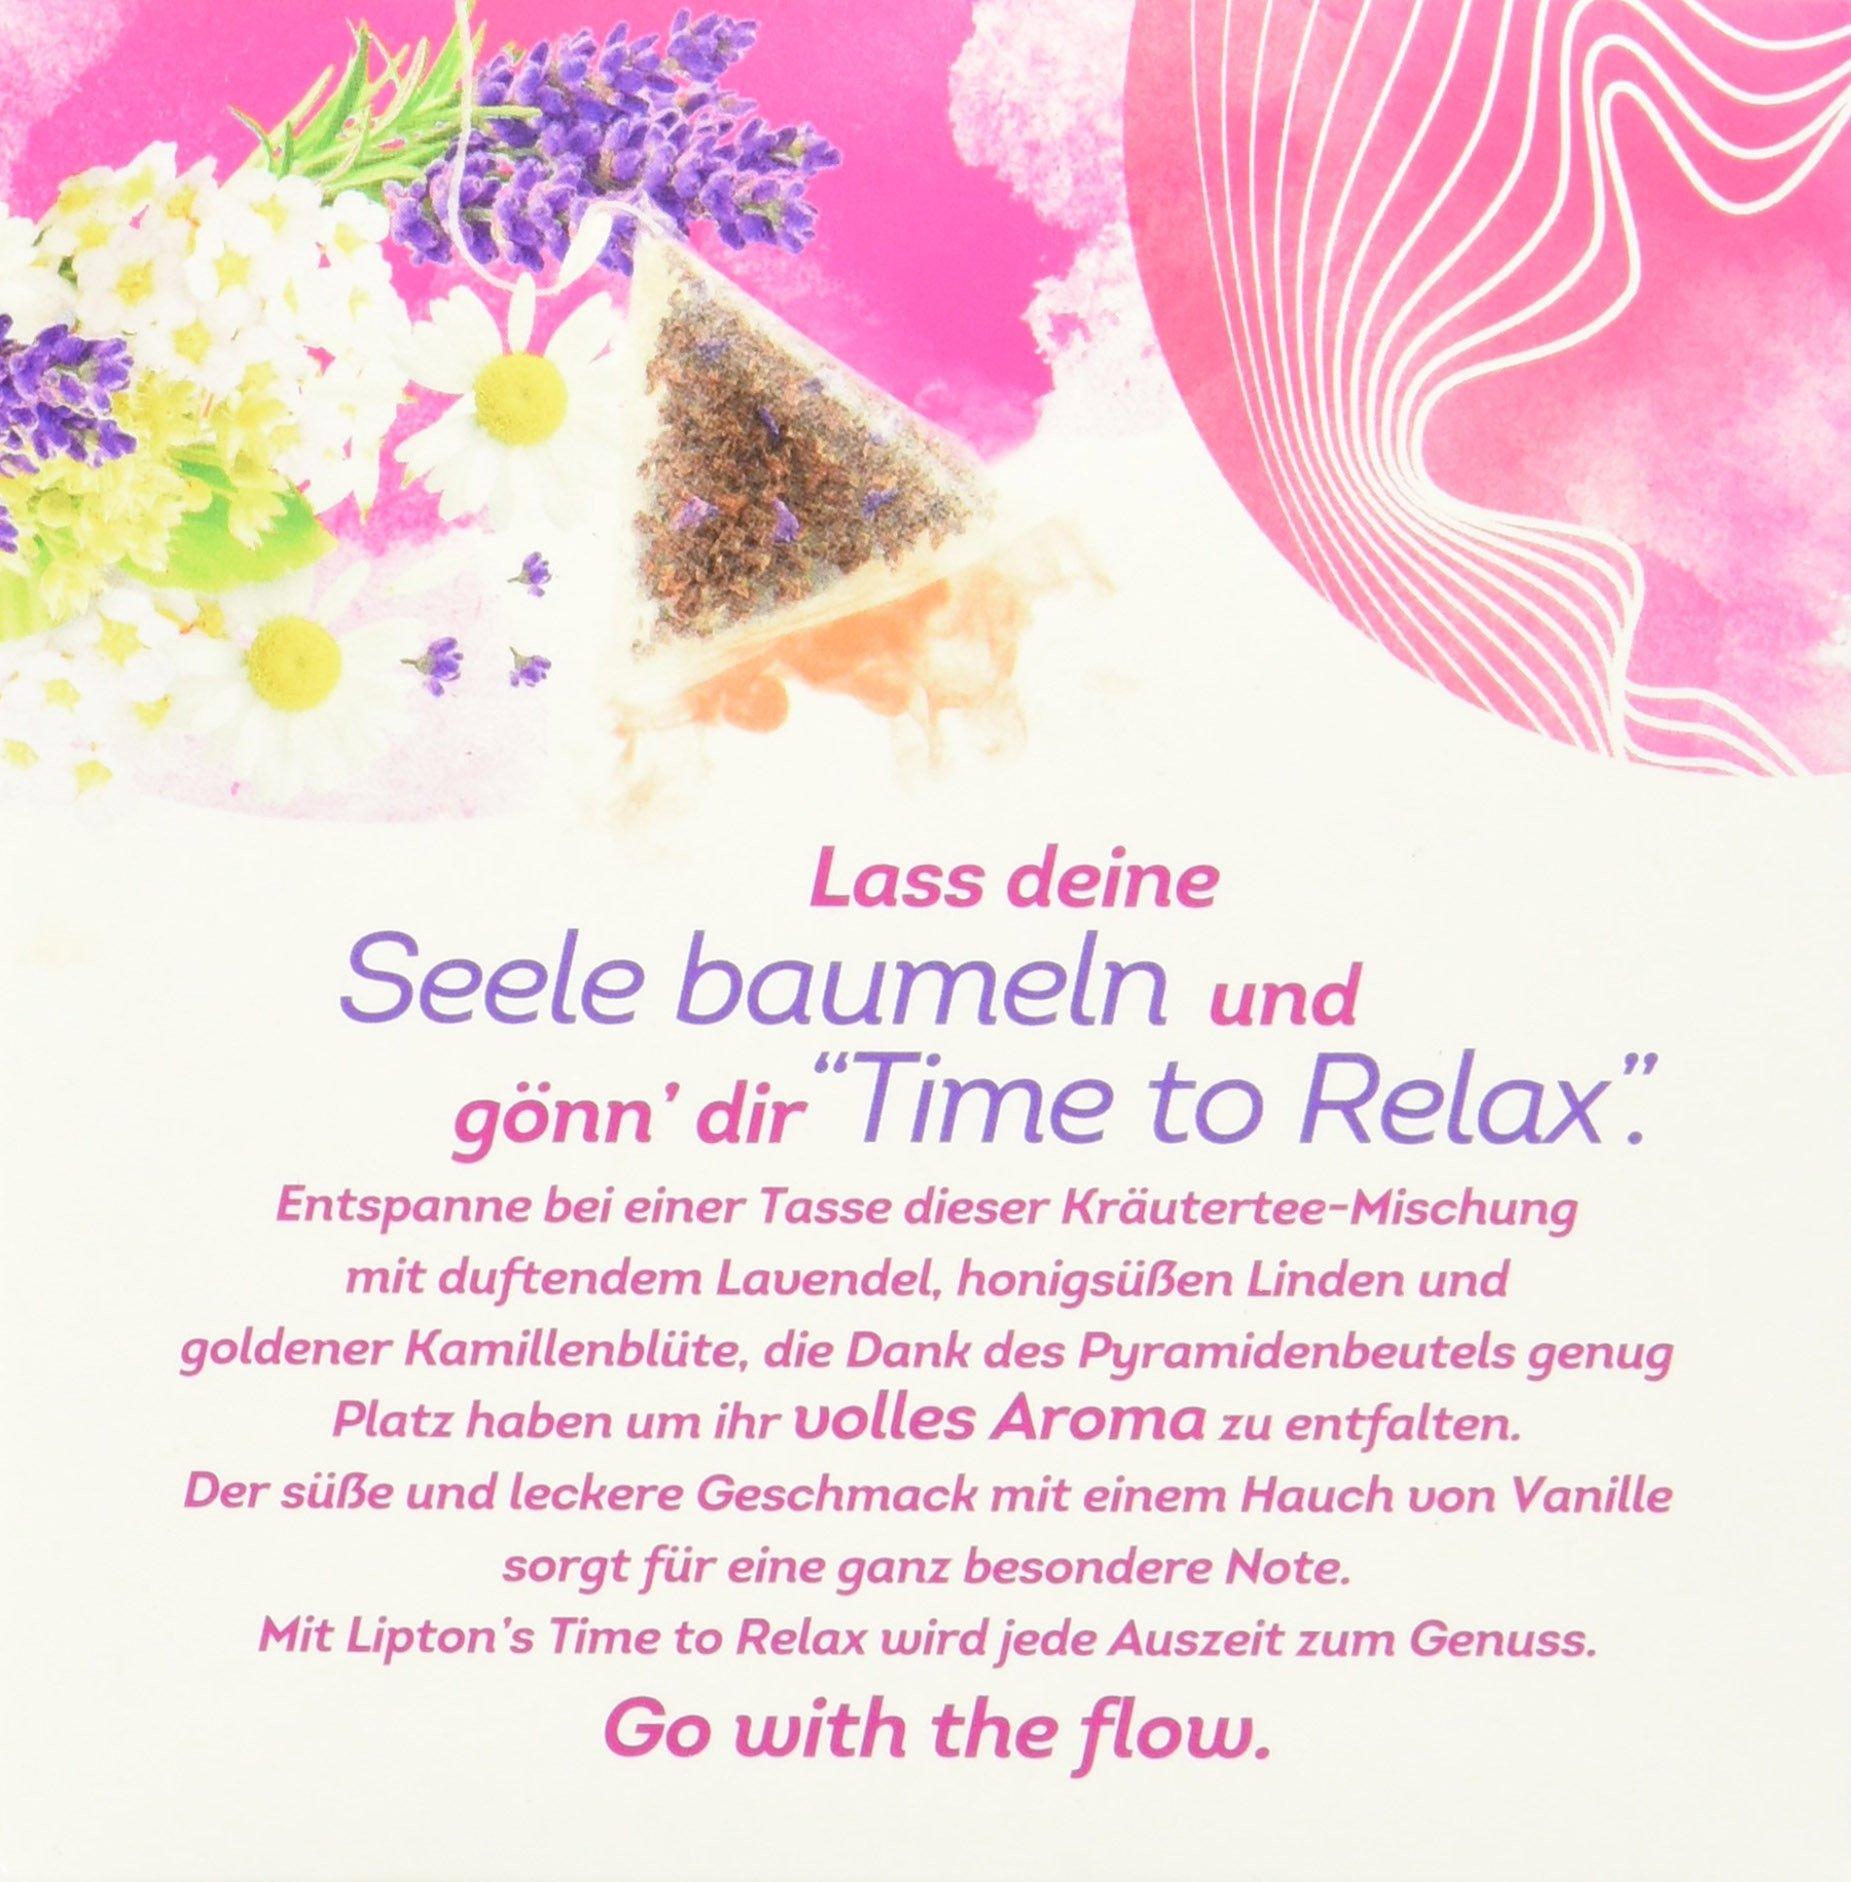 Lipton-Krutertee-Time-to-Relax-Pyramidenbeutel-3-x-20-Stck